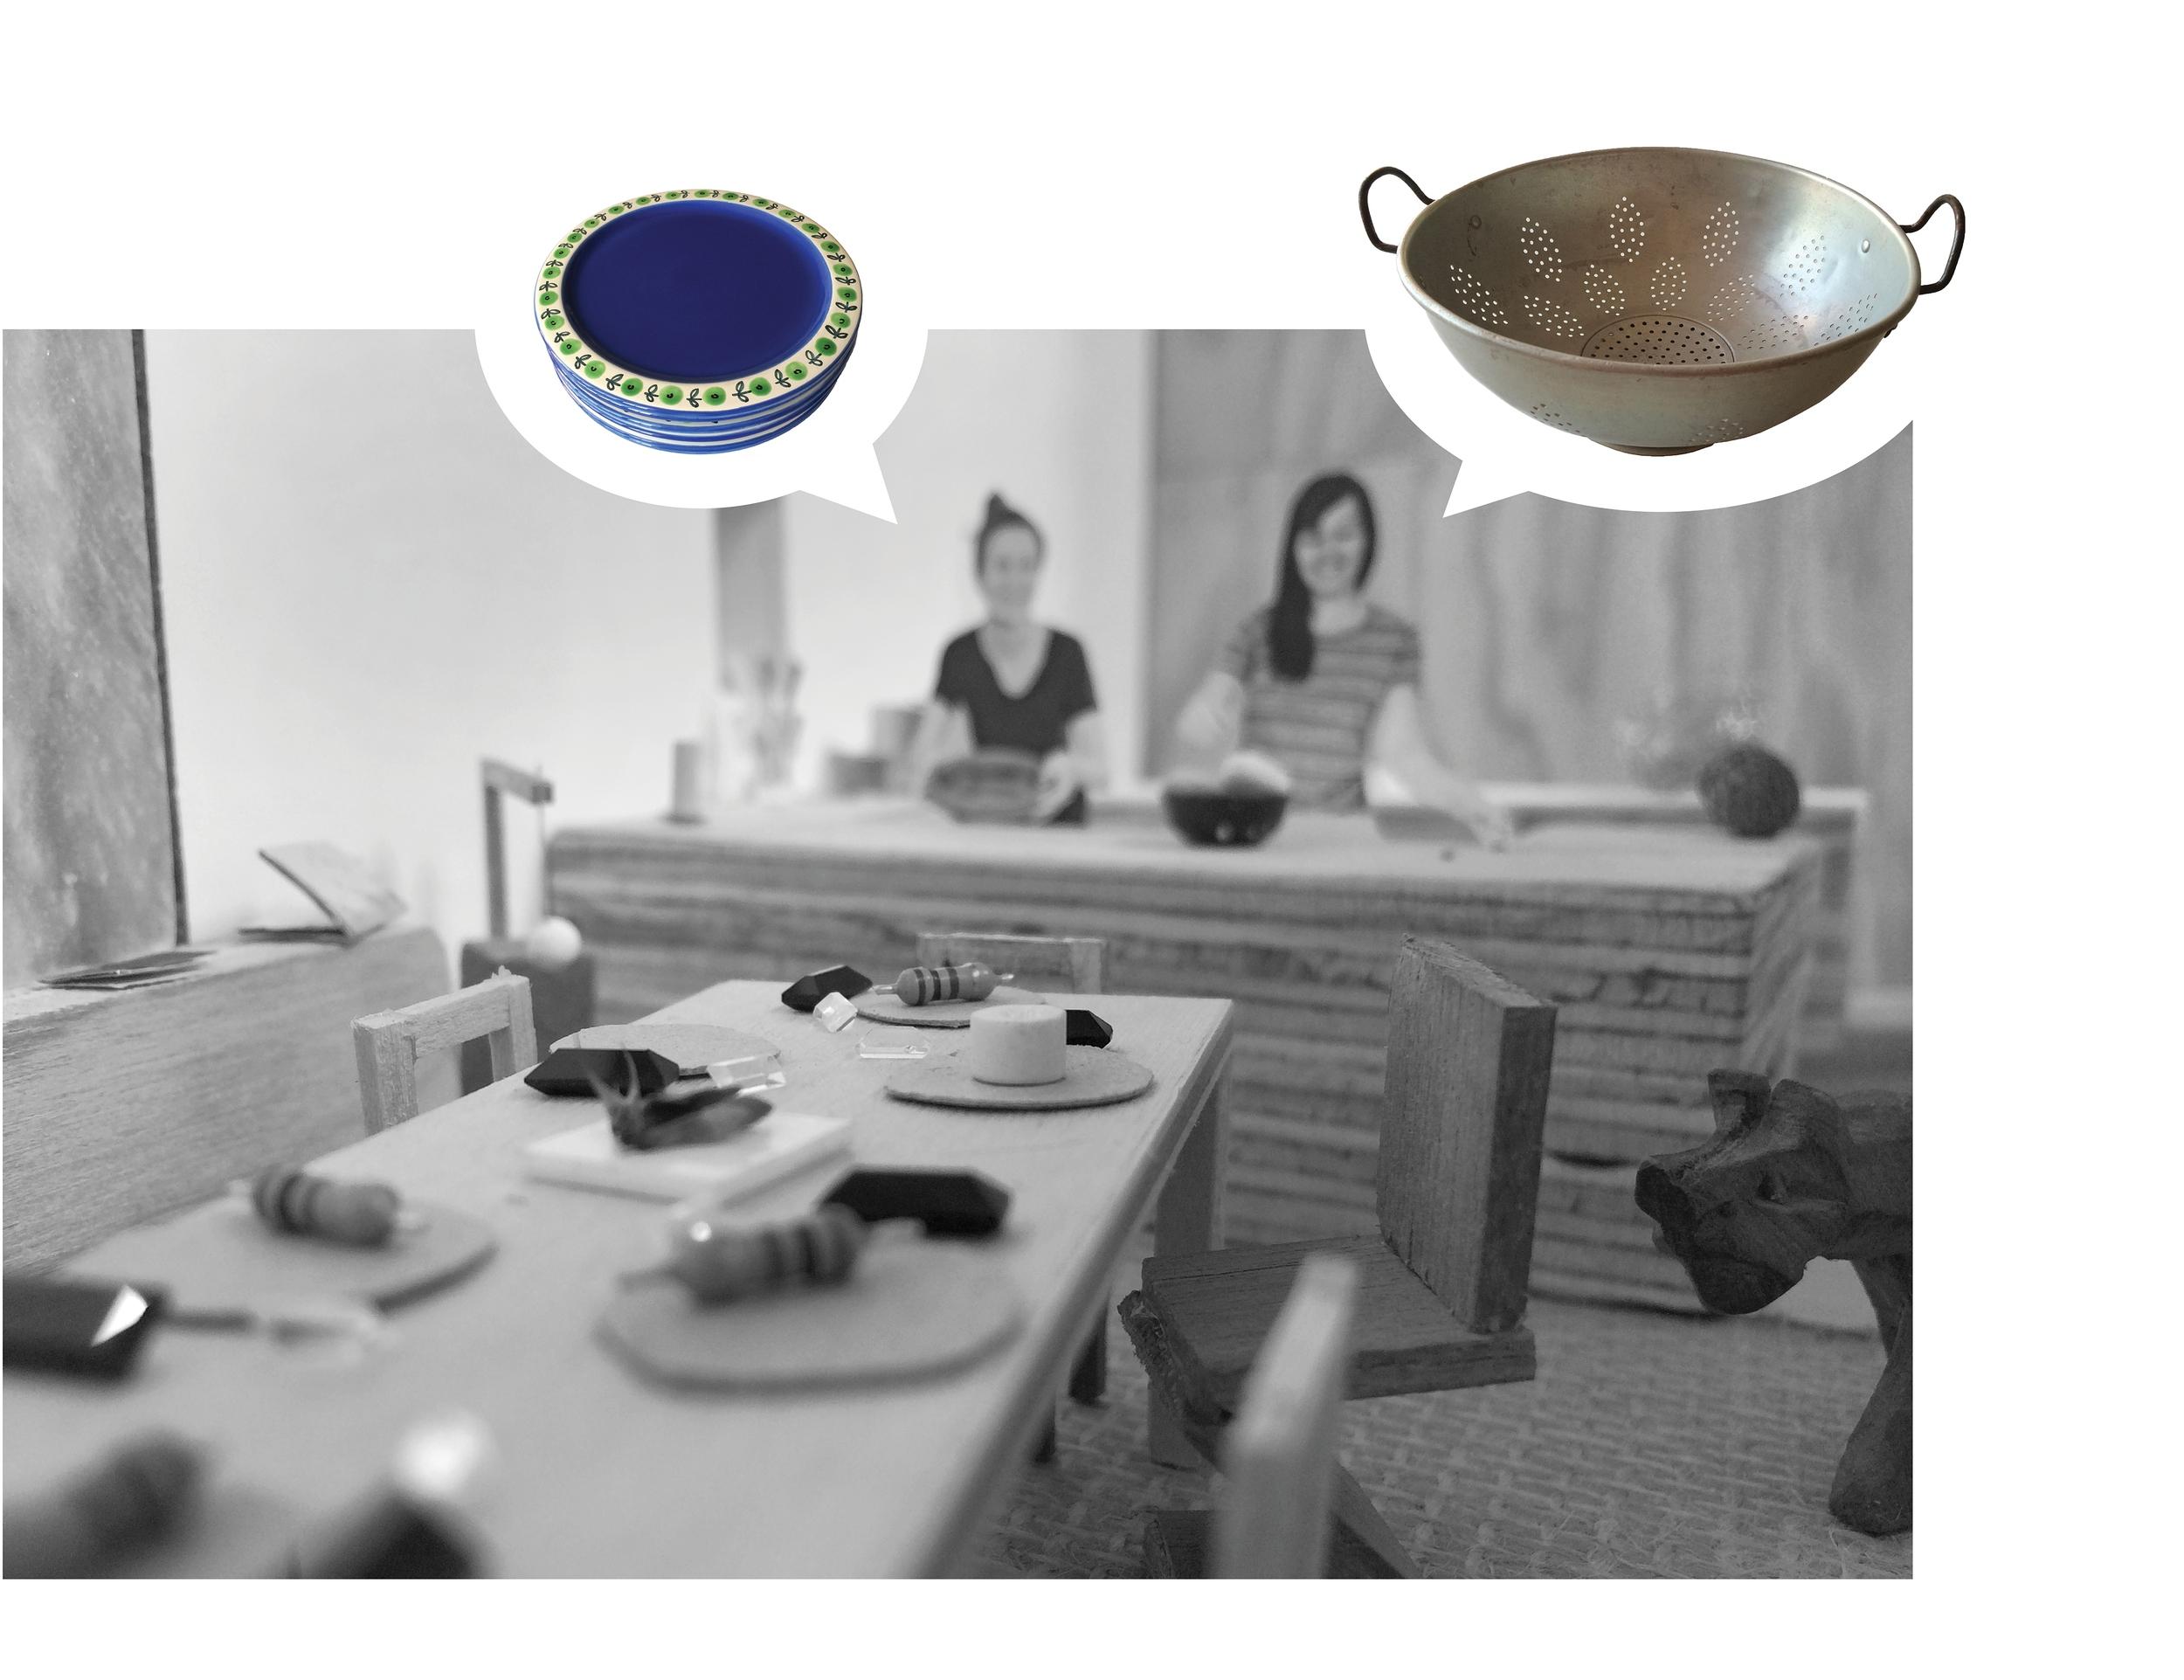 FAMILY DINNER KITCHEN